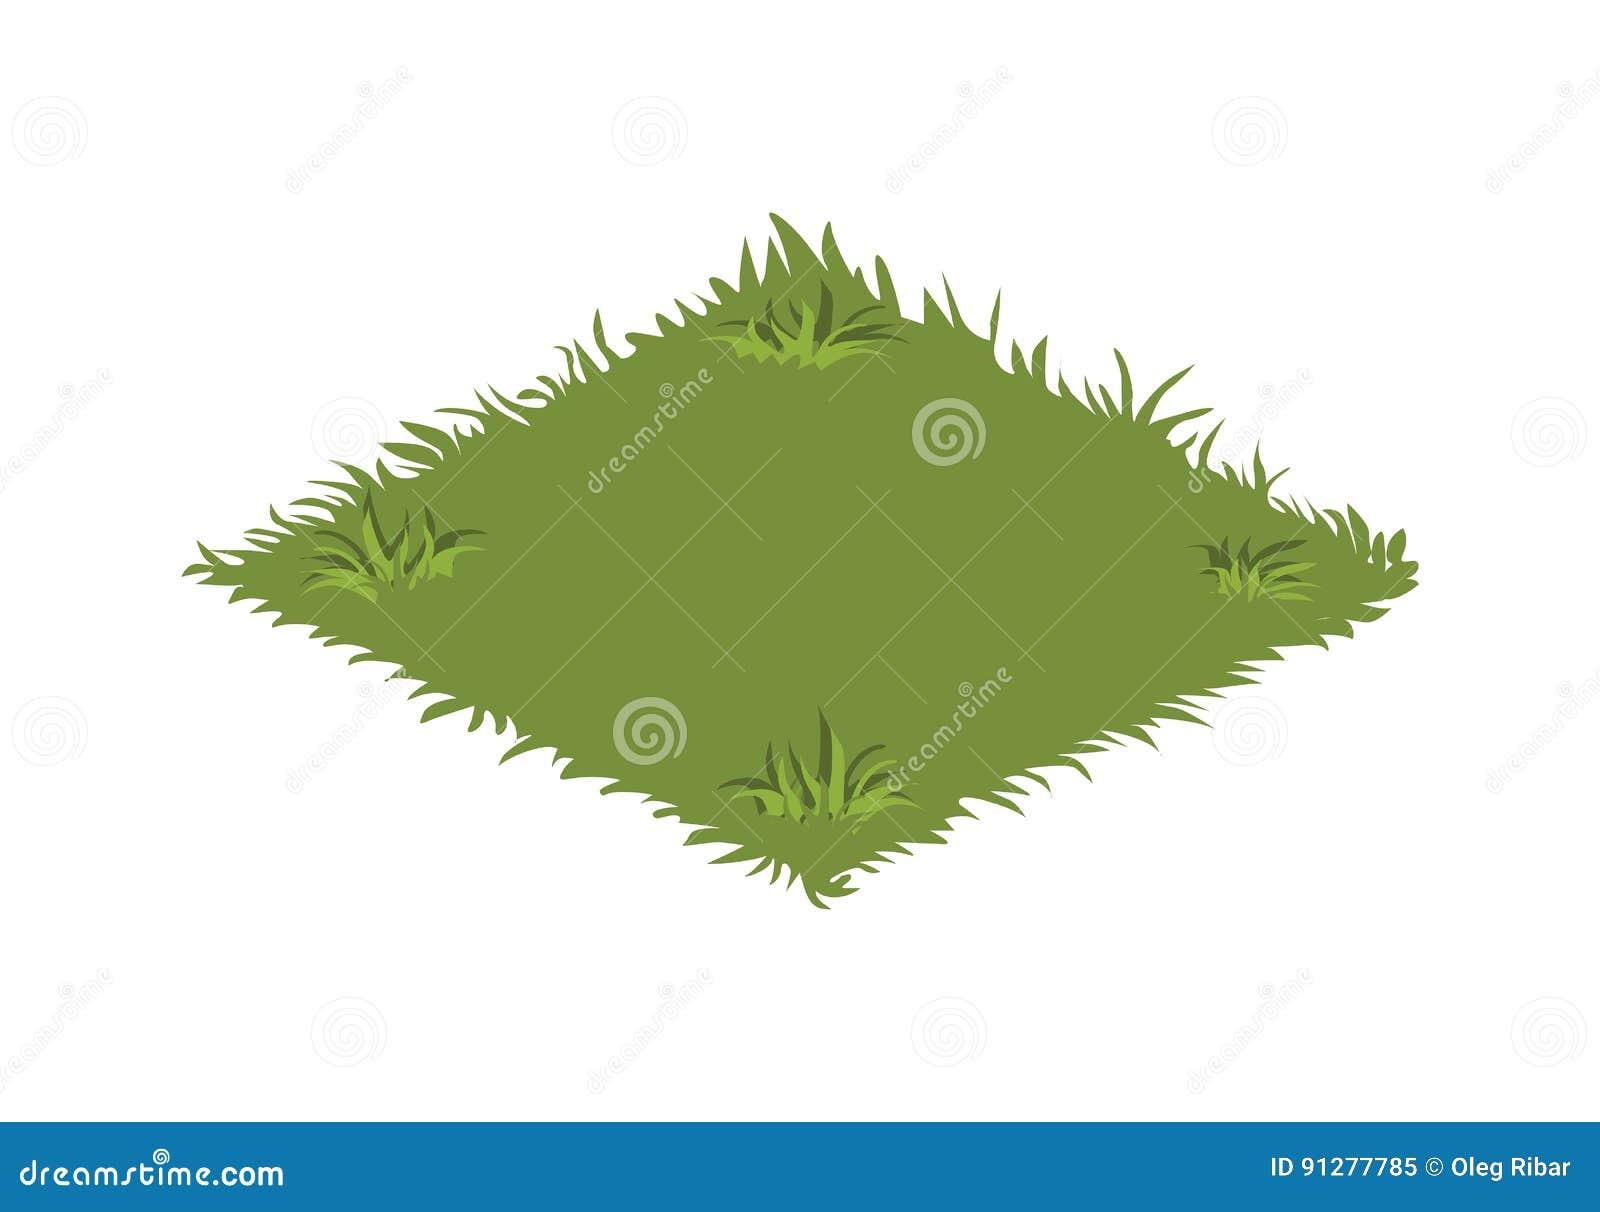 Het isometrische Gazon van de Beeldverhaaltuin met Groen Gras - Elementen voor de Kaart of het Landschapsontwerp van Tileset